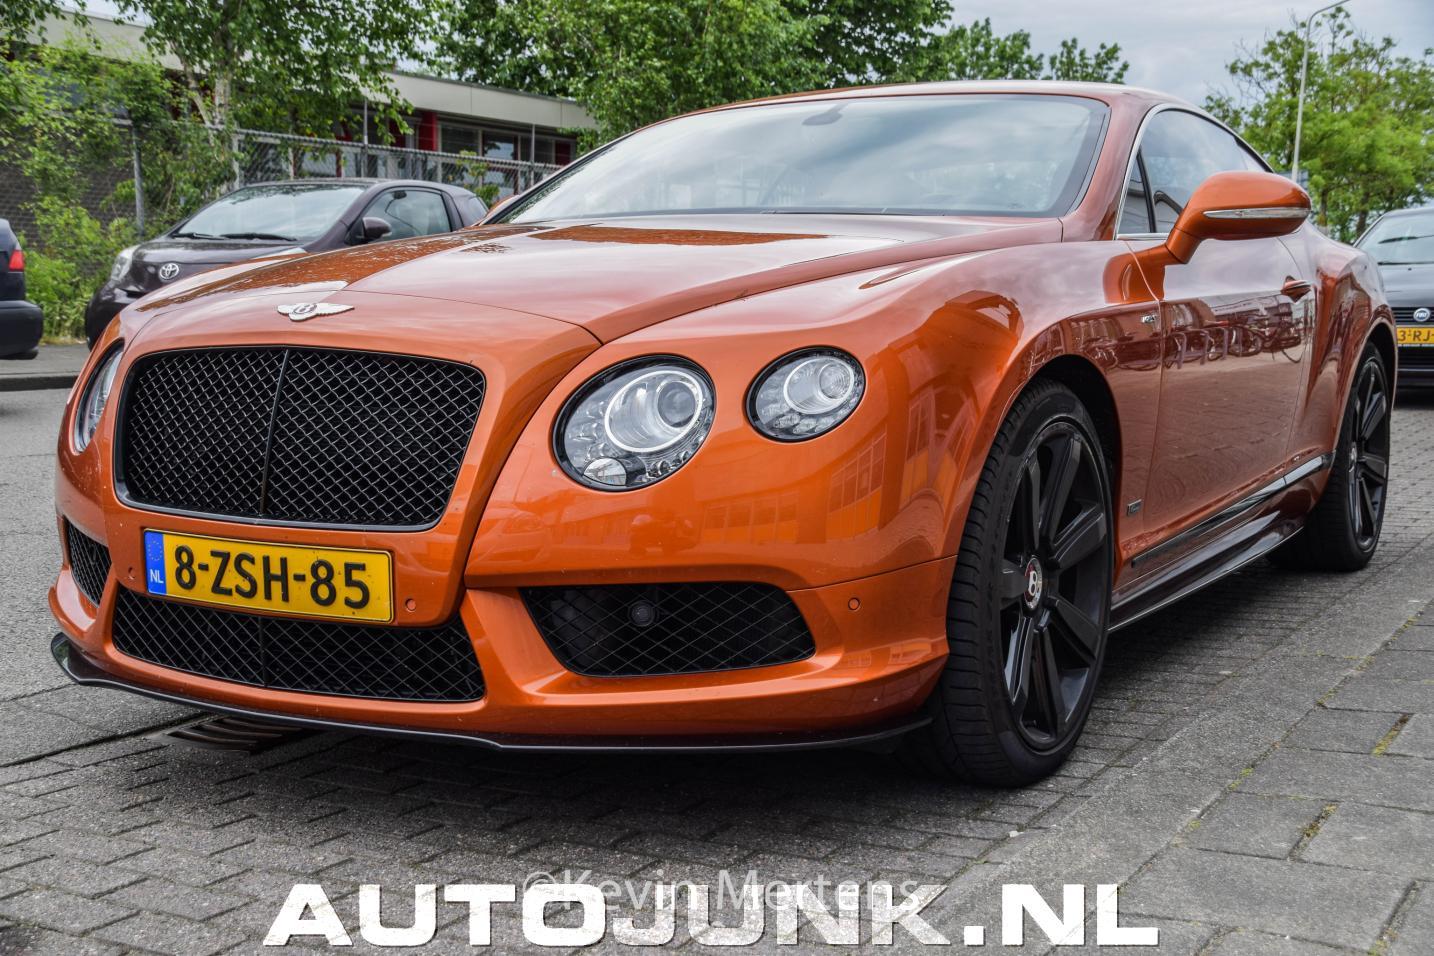 Bentley Continental GT V8S foto's » Autojunk.nl (142654)